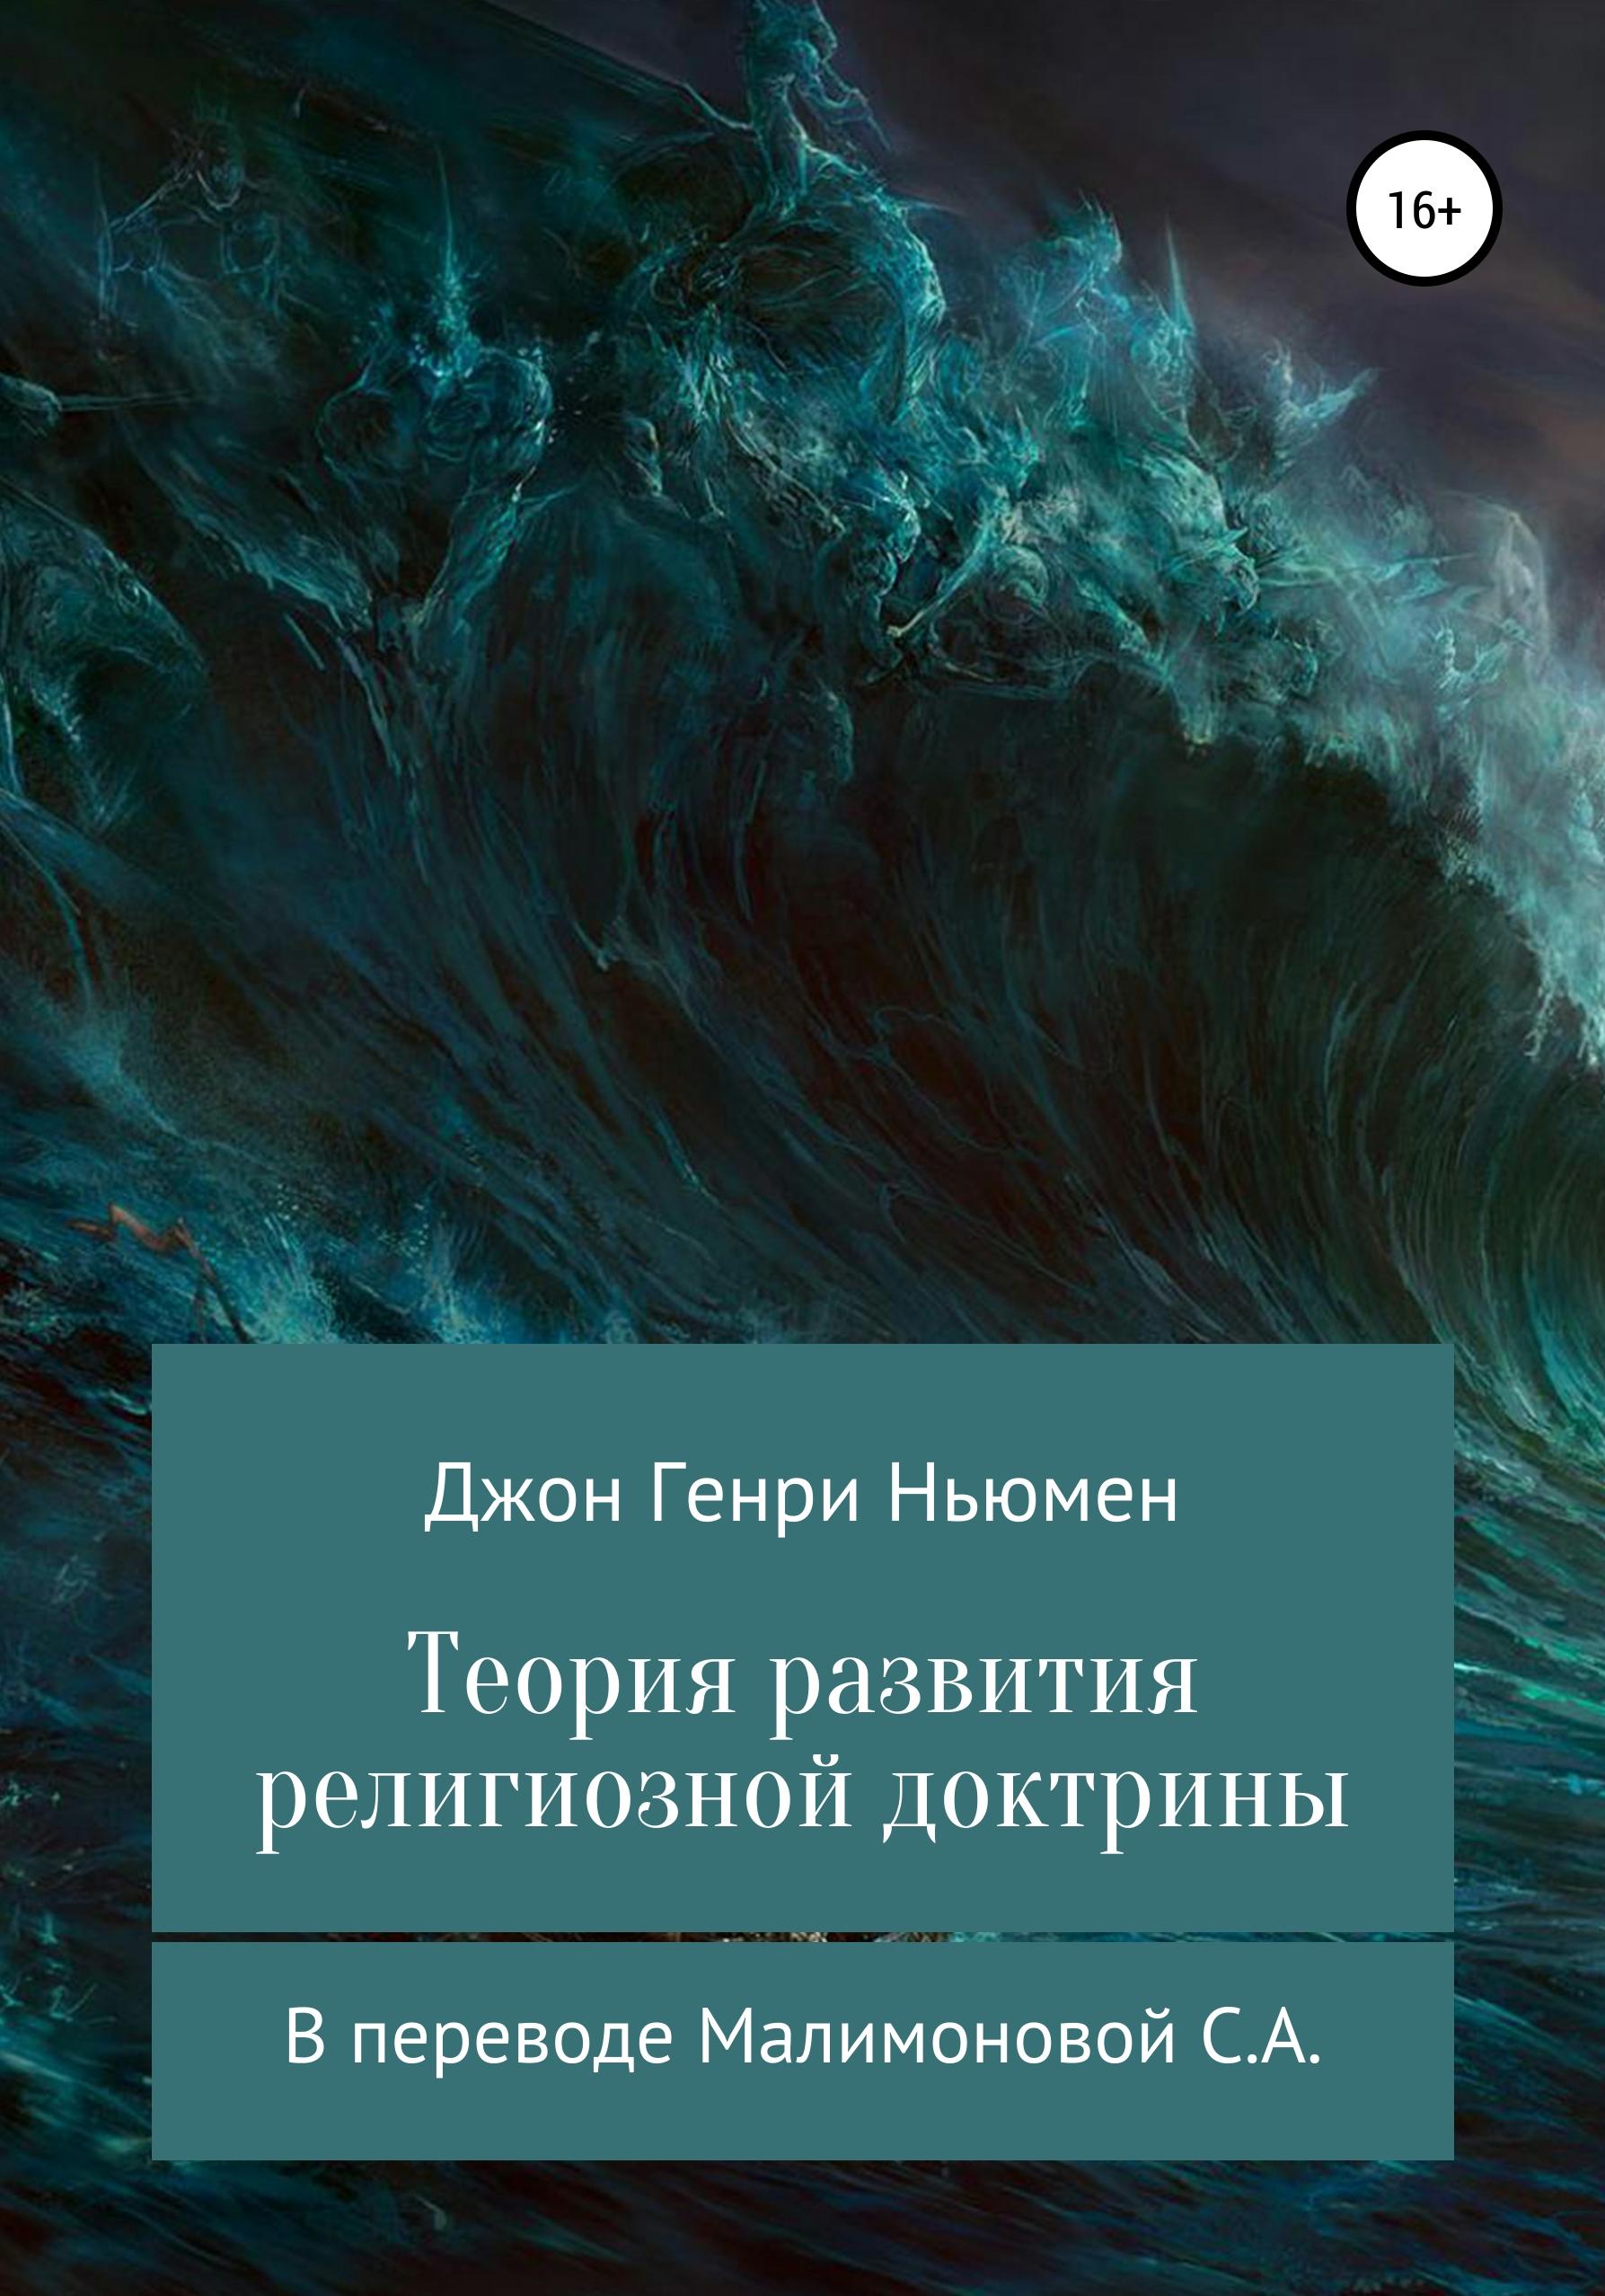 Купить книгу Теория развития религиозной доктрины. В переводе Малимоновой С.А., автора Джона Генри Ньюмена